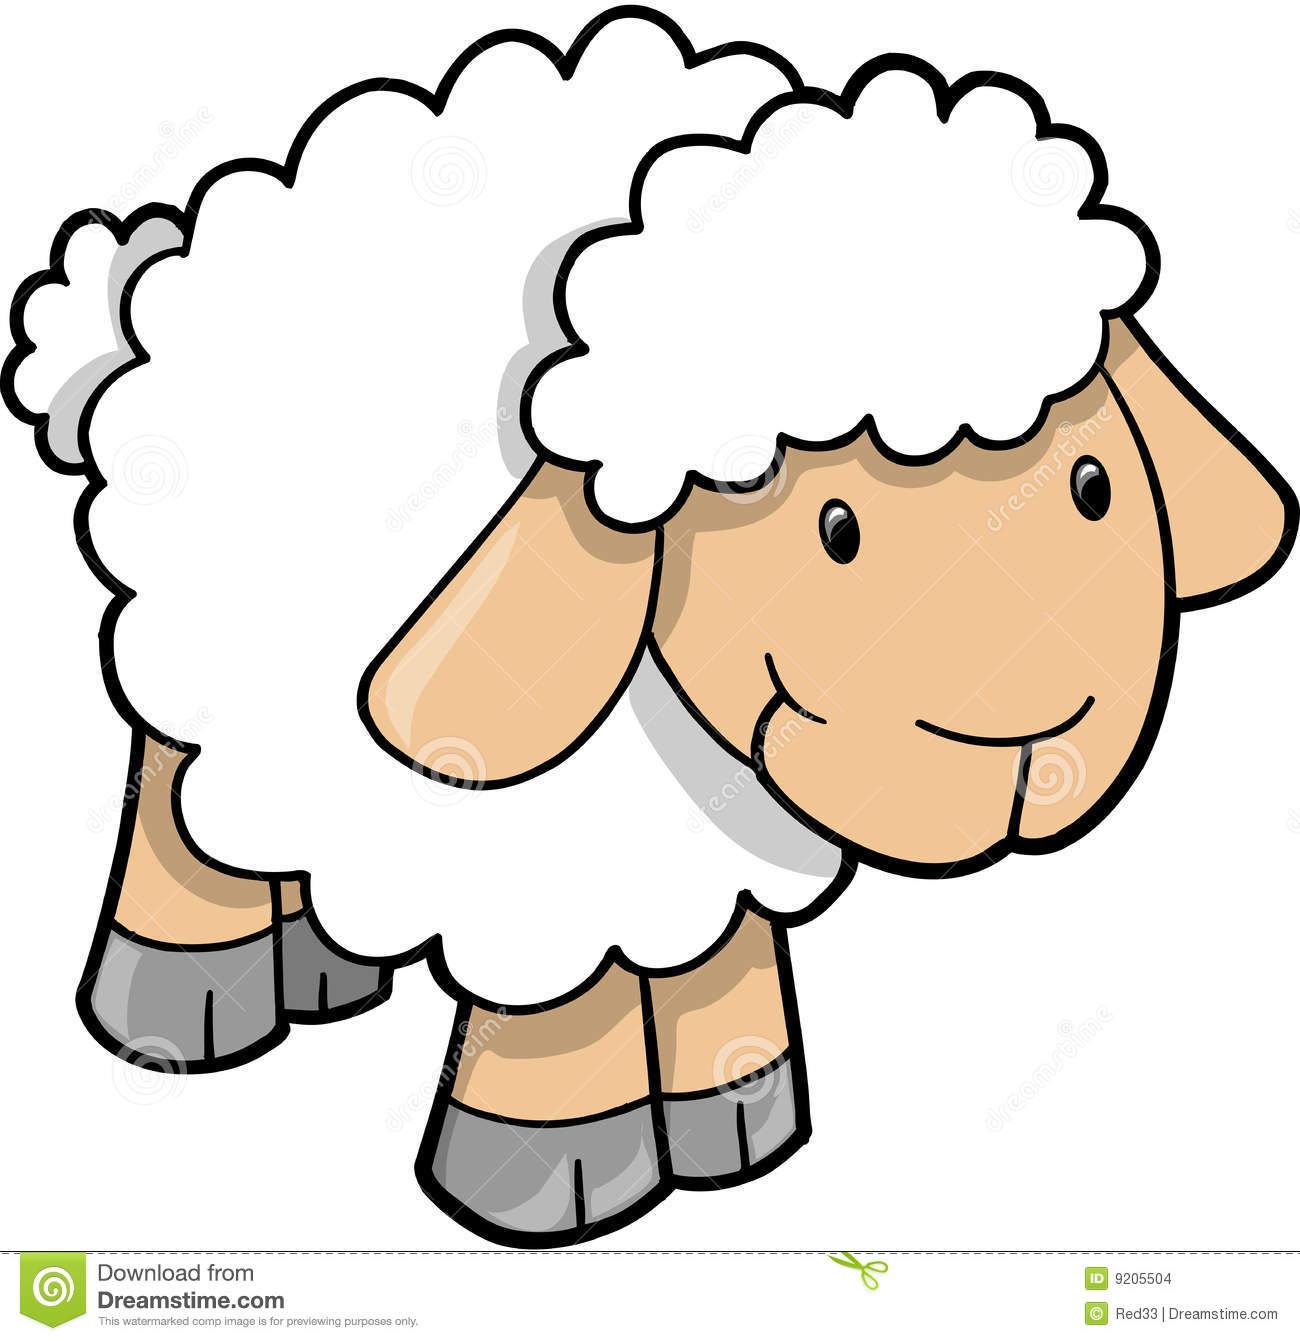 Top sheep free image. Lamb clipart shee